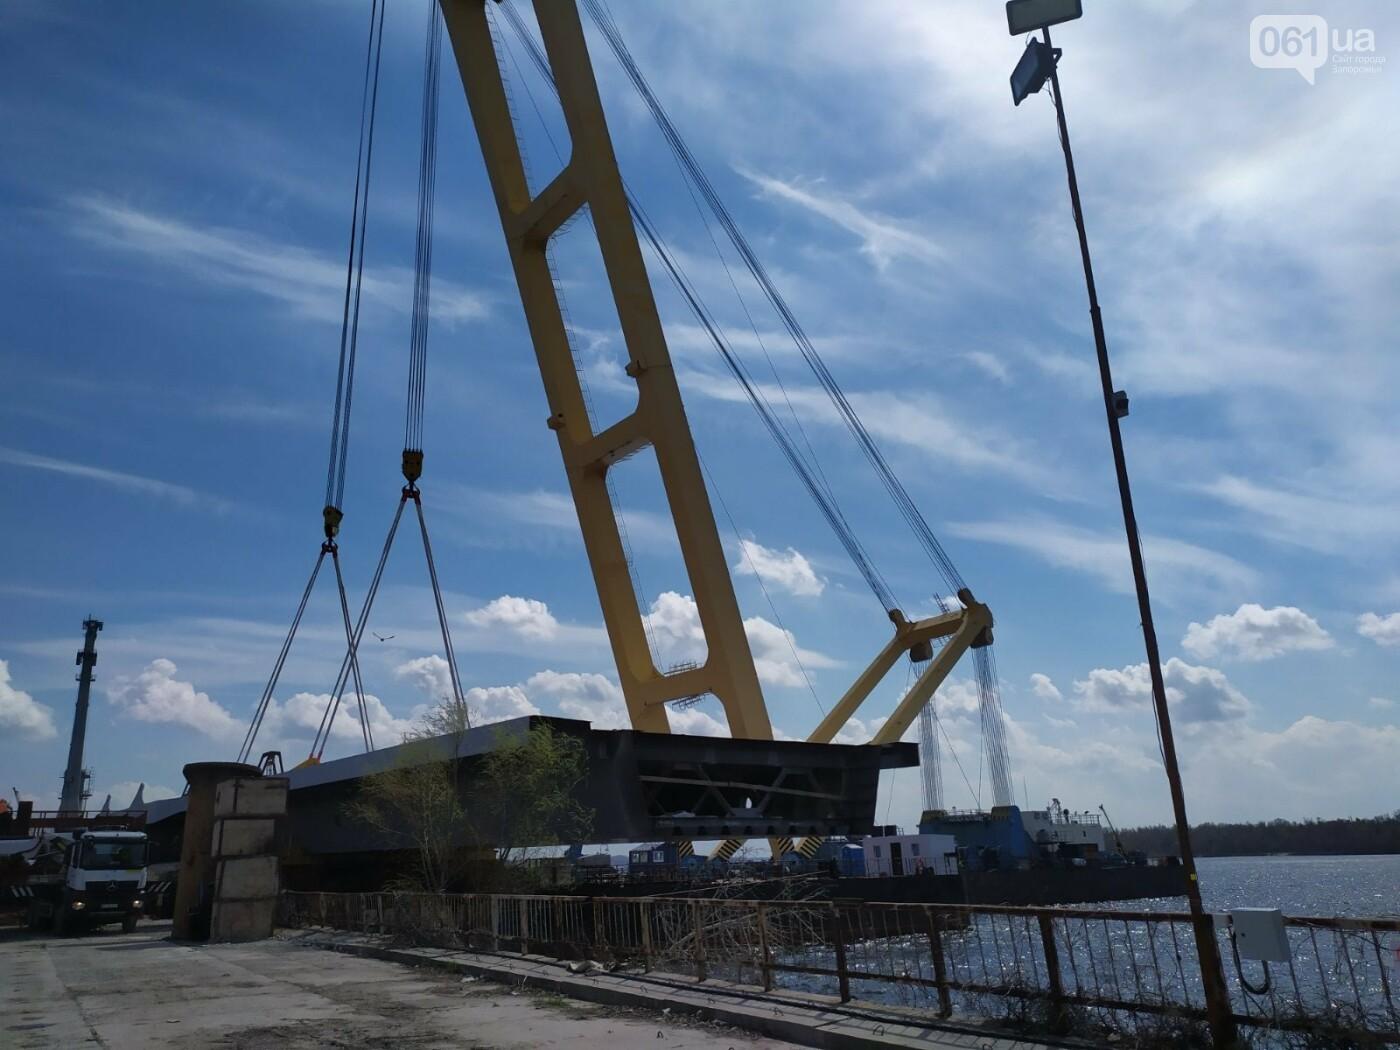 """В Запорожье на понтон """"Захария"""" грузят первый пролет вантового моста - плавкран испытывают под нагрузкой , фото-1"""